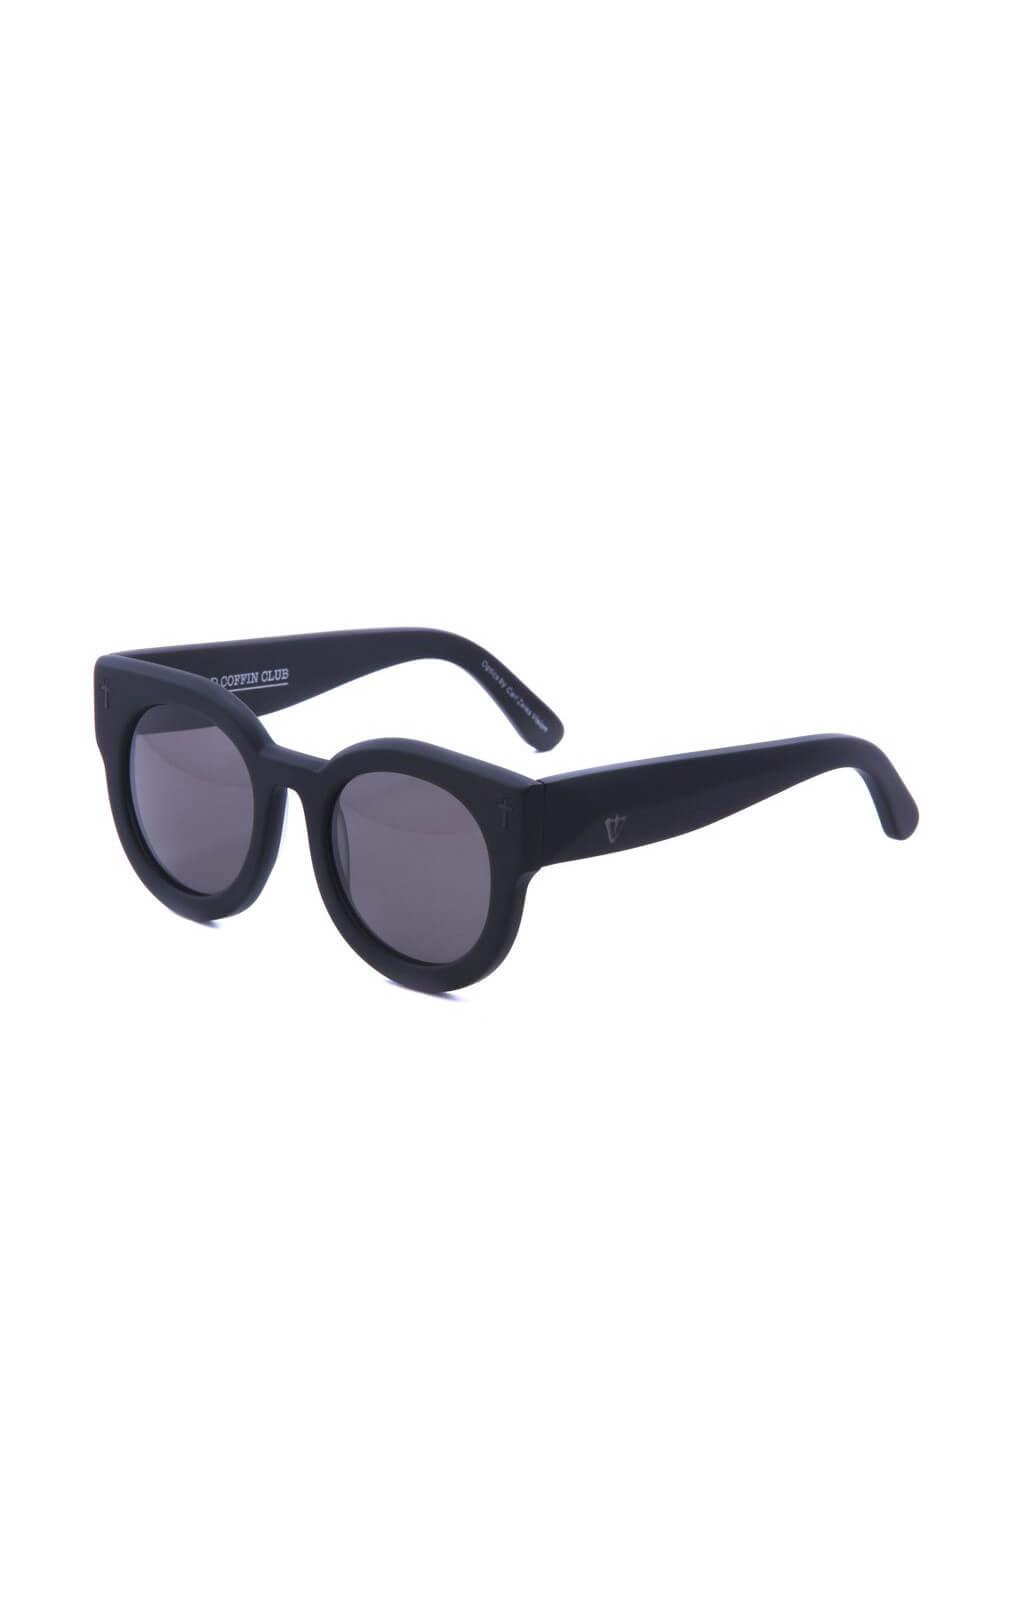 valley a dead coffin club sunglasses matte black